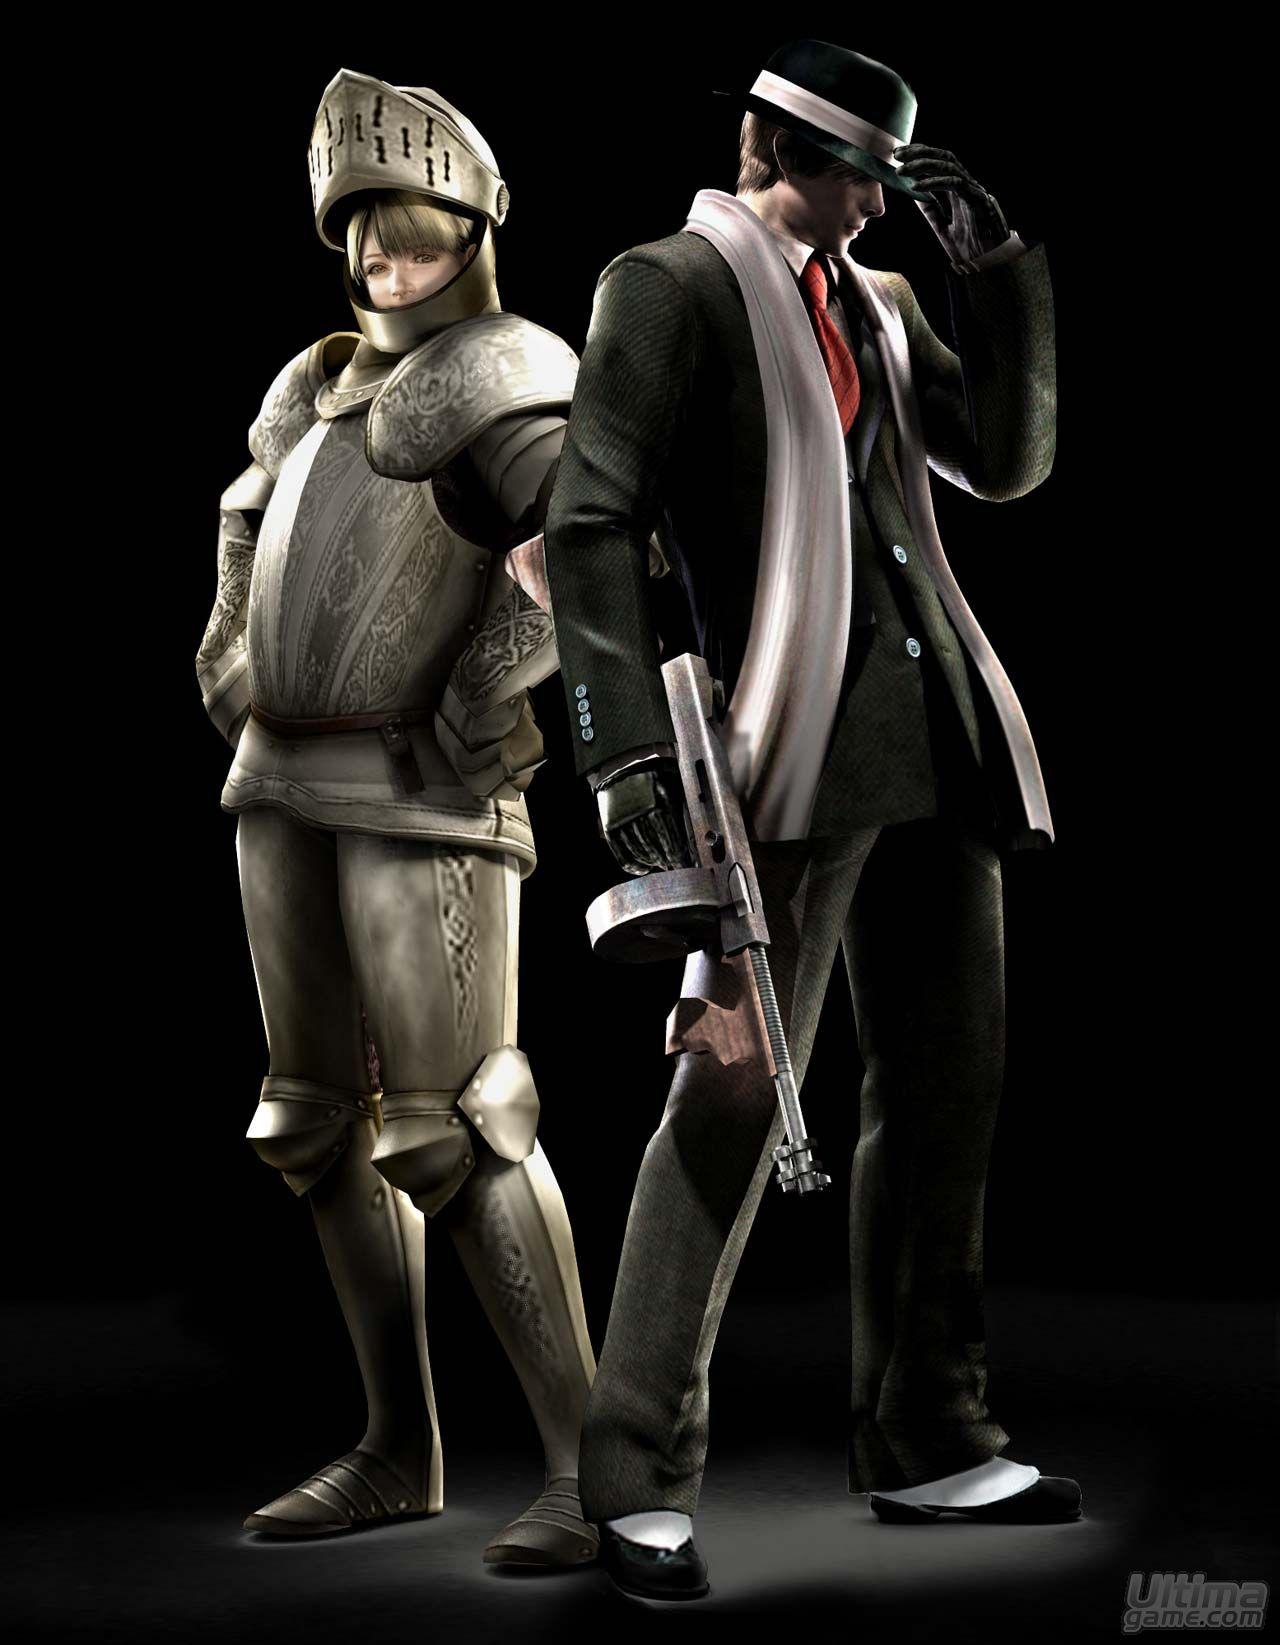 Evil 4: Nuevo trailer de la versión PlayStation 2 de Resident Evil 4